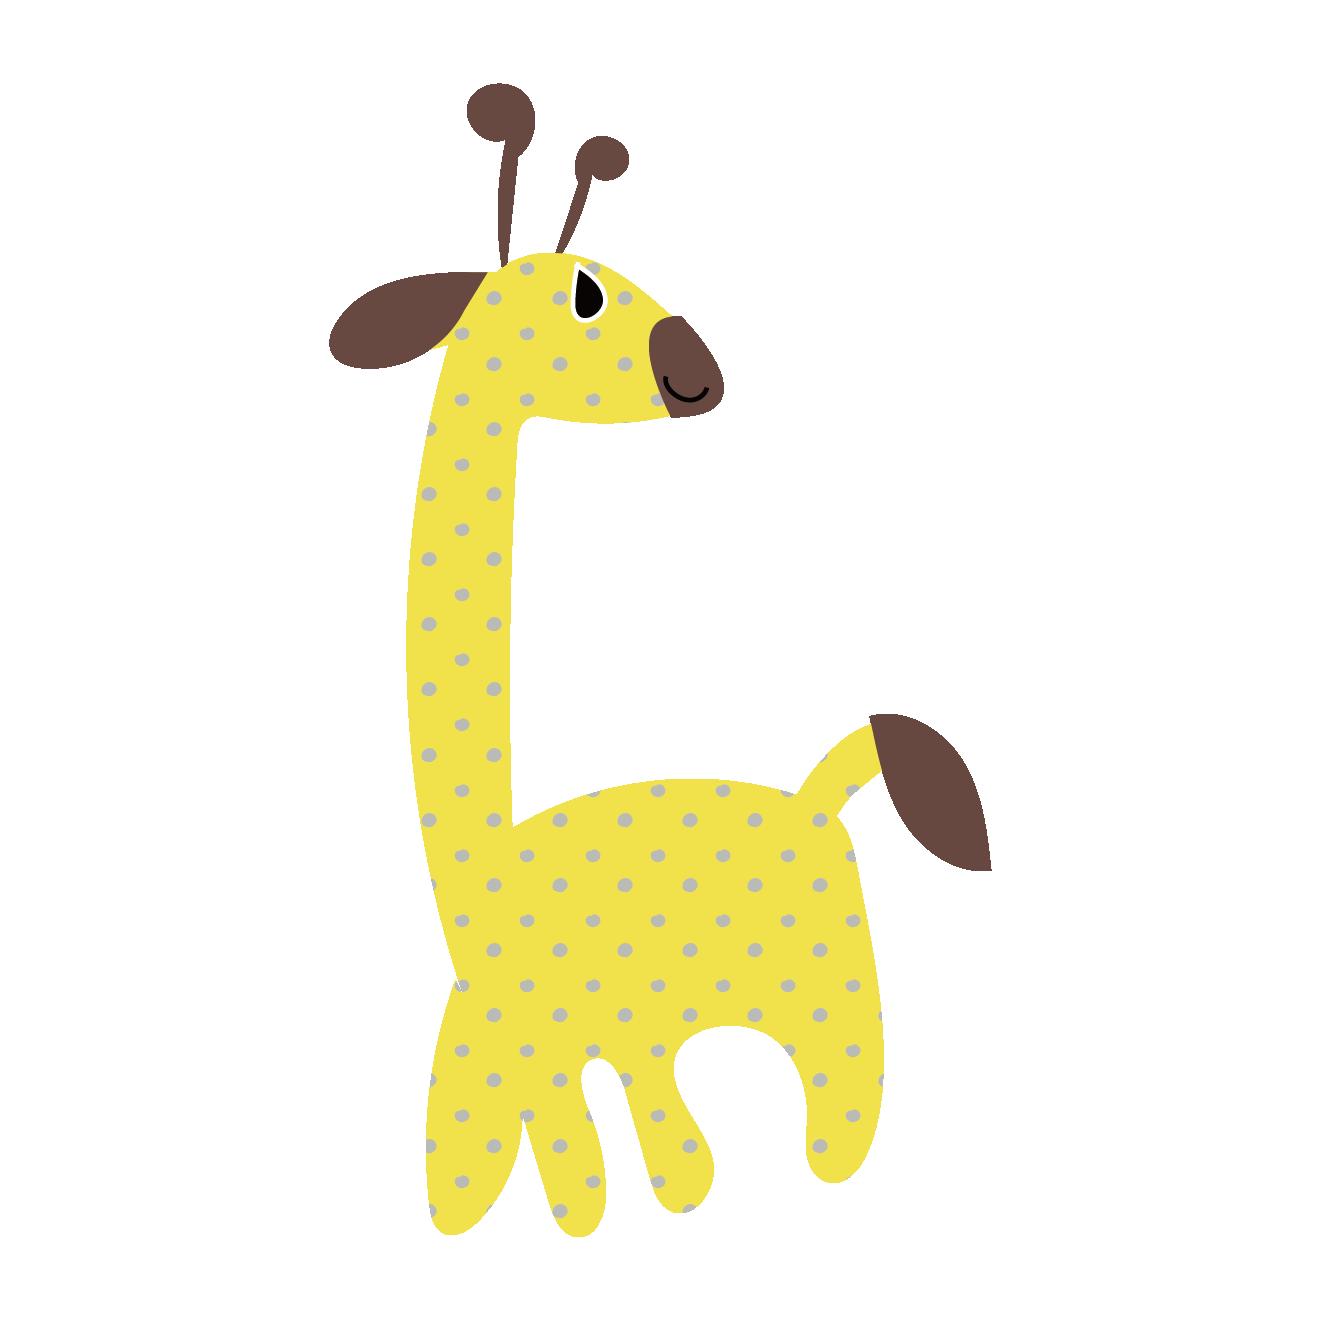 ドット模様がかわいい麒麟(キリン・きりん)のハッピーイラスト【動物